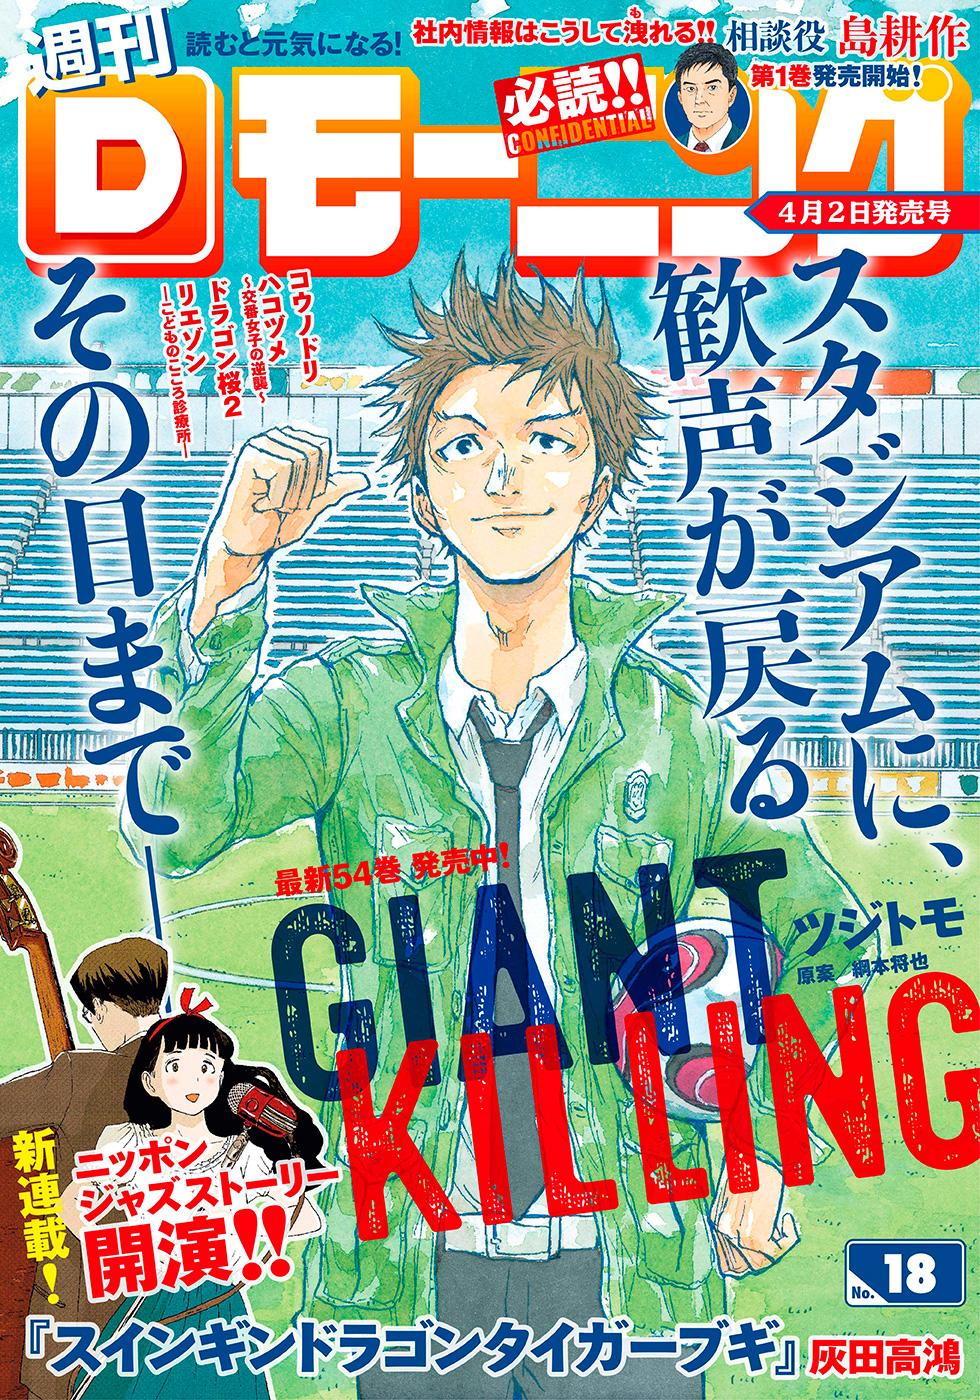 週刊Dモーニング最新号